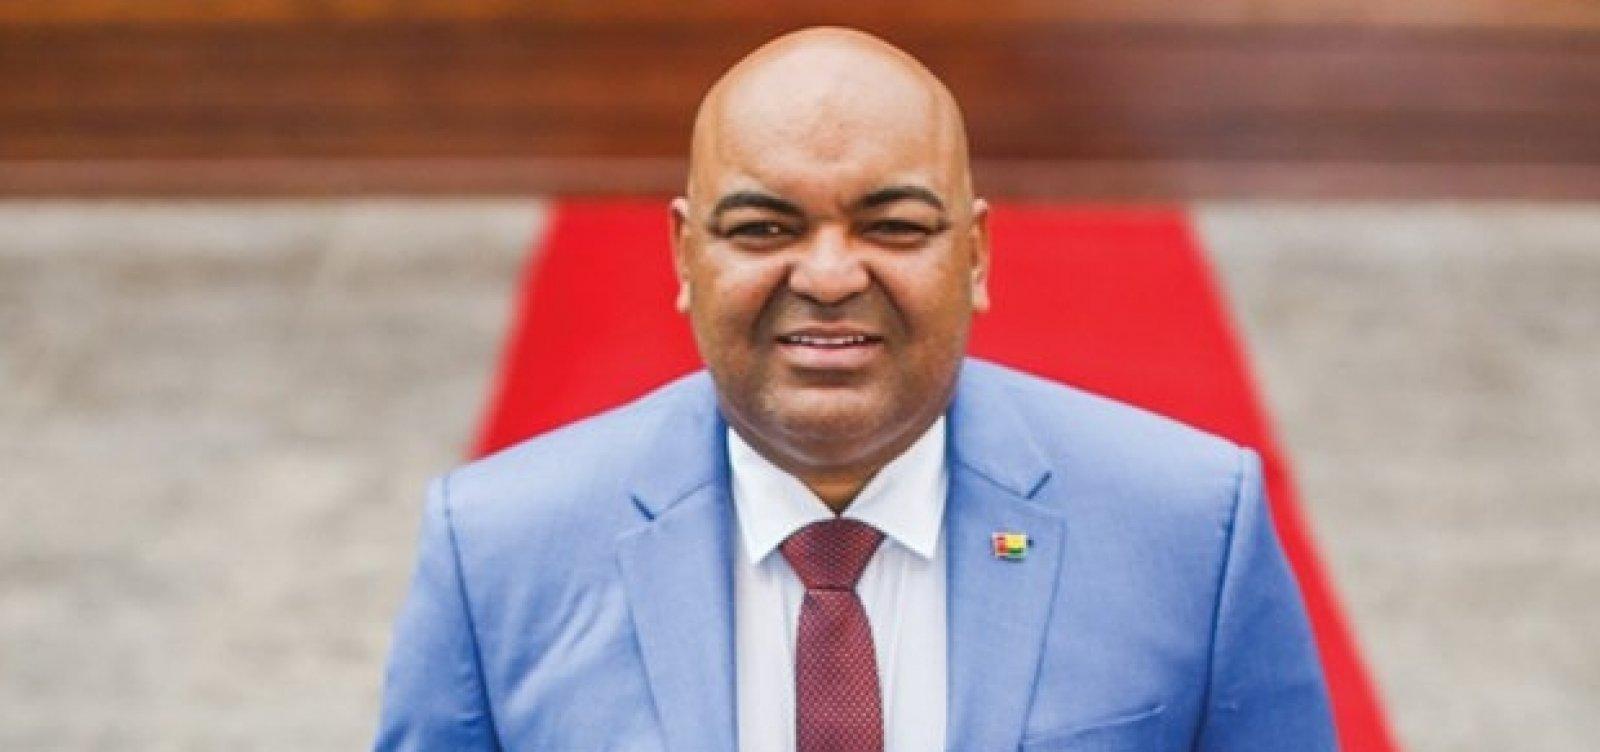 Falso cônsul tentou transferir carros de luxo para Embaixada da Guiné Bissau, diz MPF